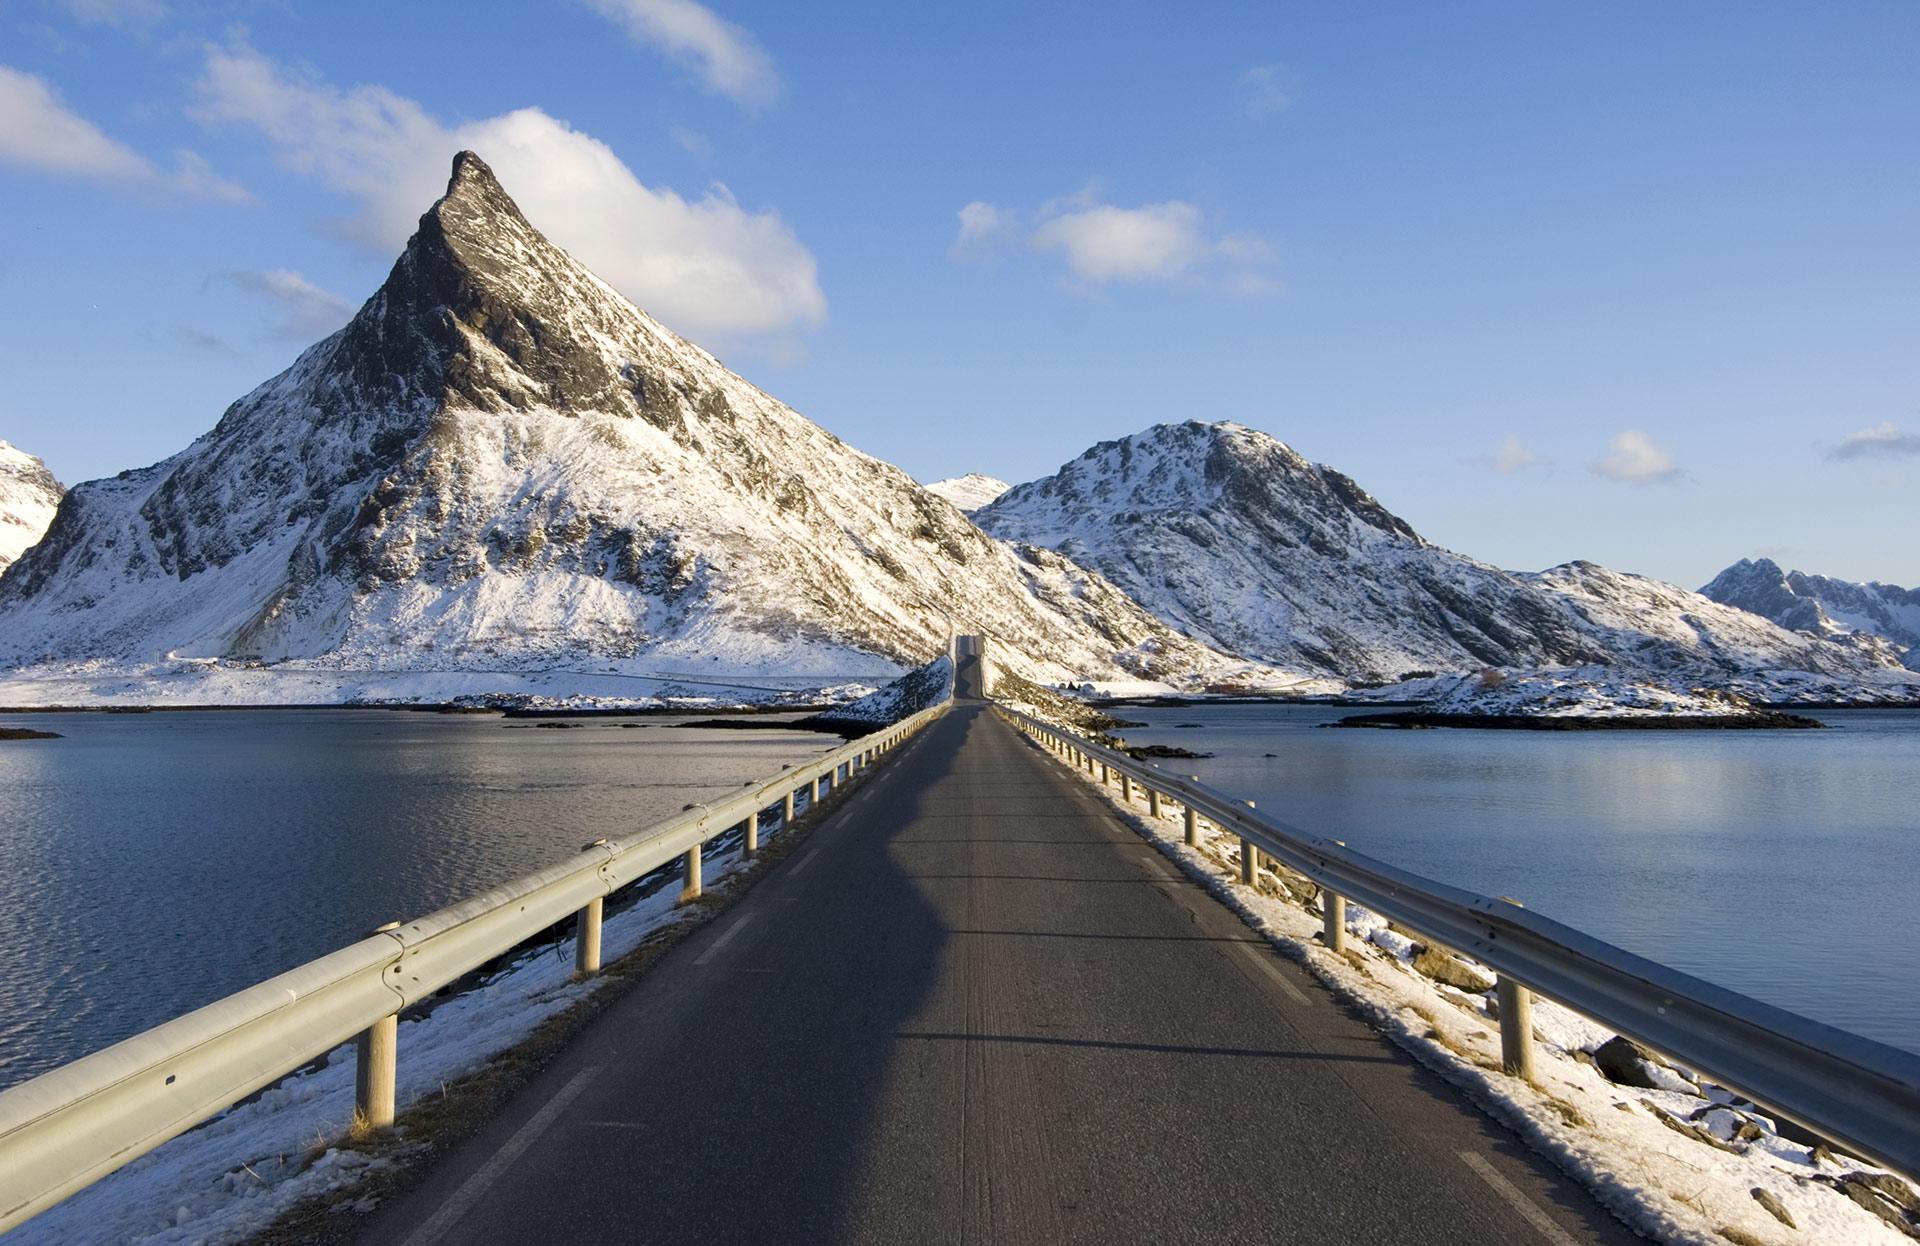 På vei gjennom Lofoten © Terje Rakke